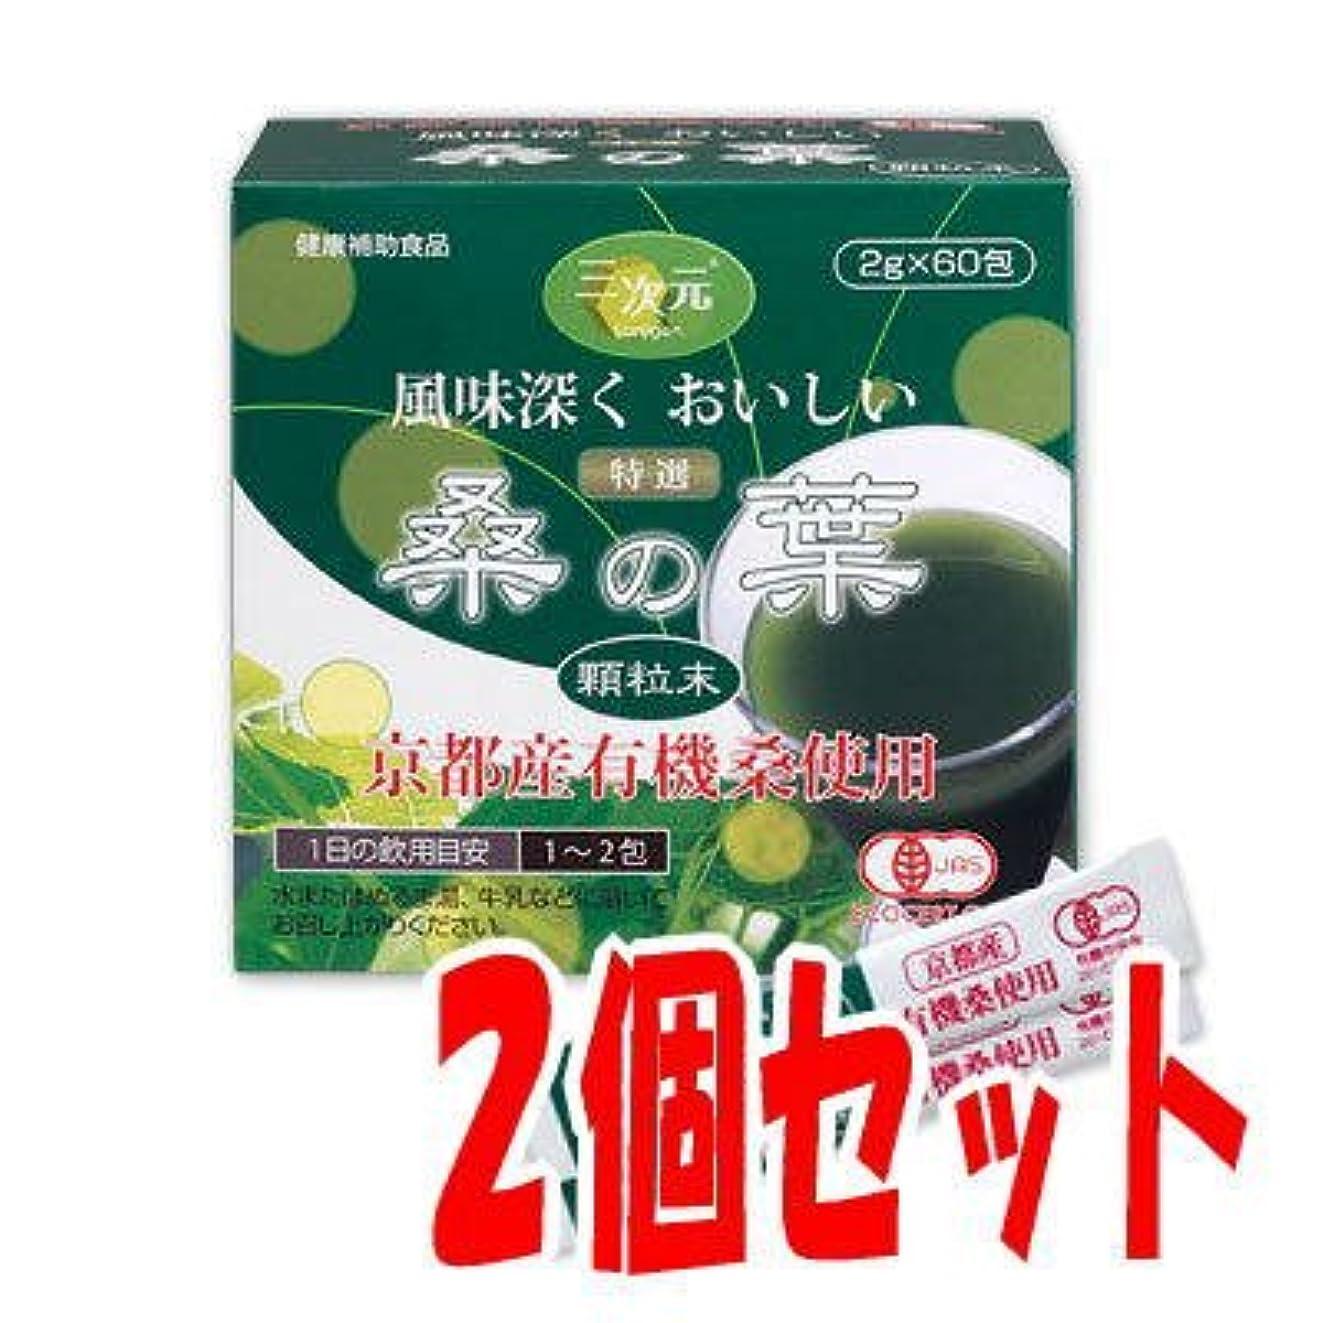 意味するシマウマ換気する特選「桑の葉」顆粒末1箱60包入×2箱セット 国産(京都産)有機桑使用 苦くなく風味深くおいしい青汁